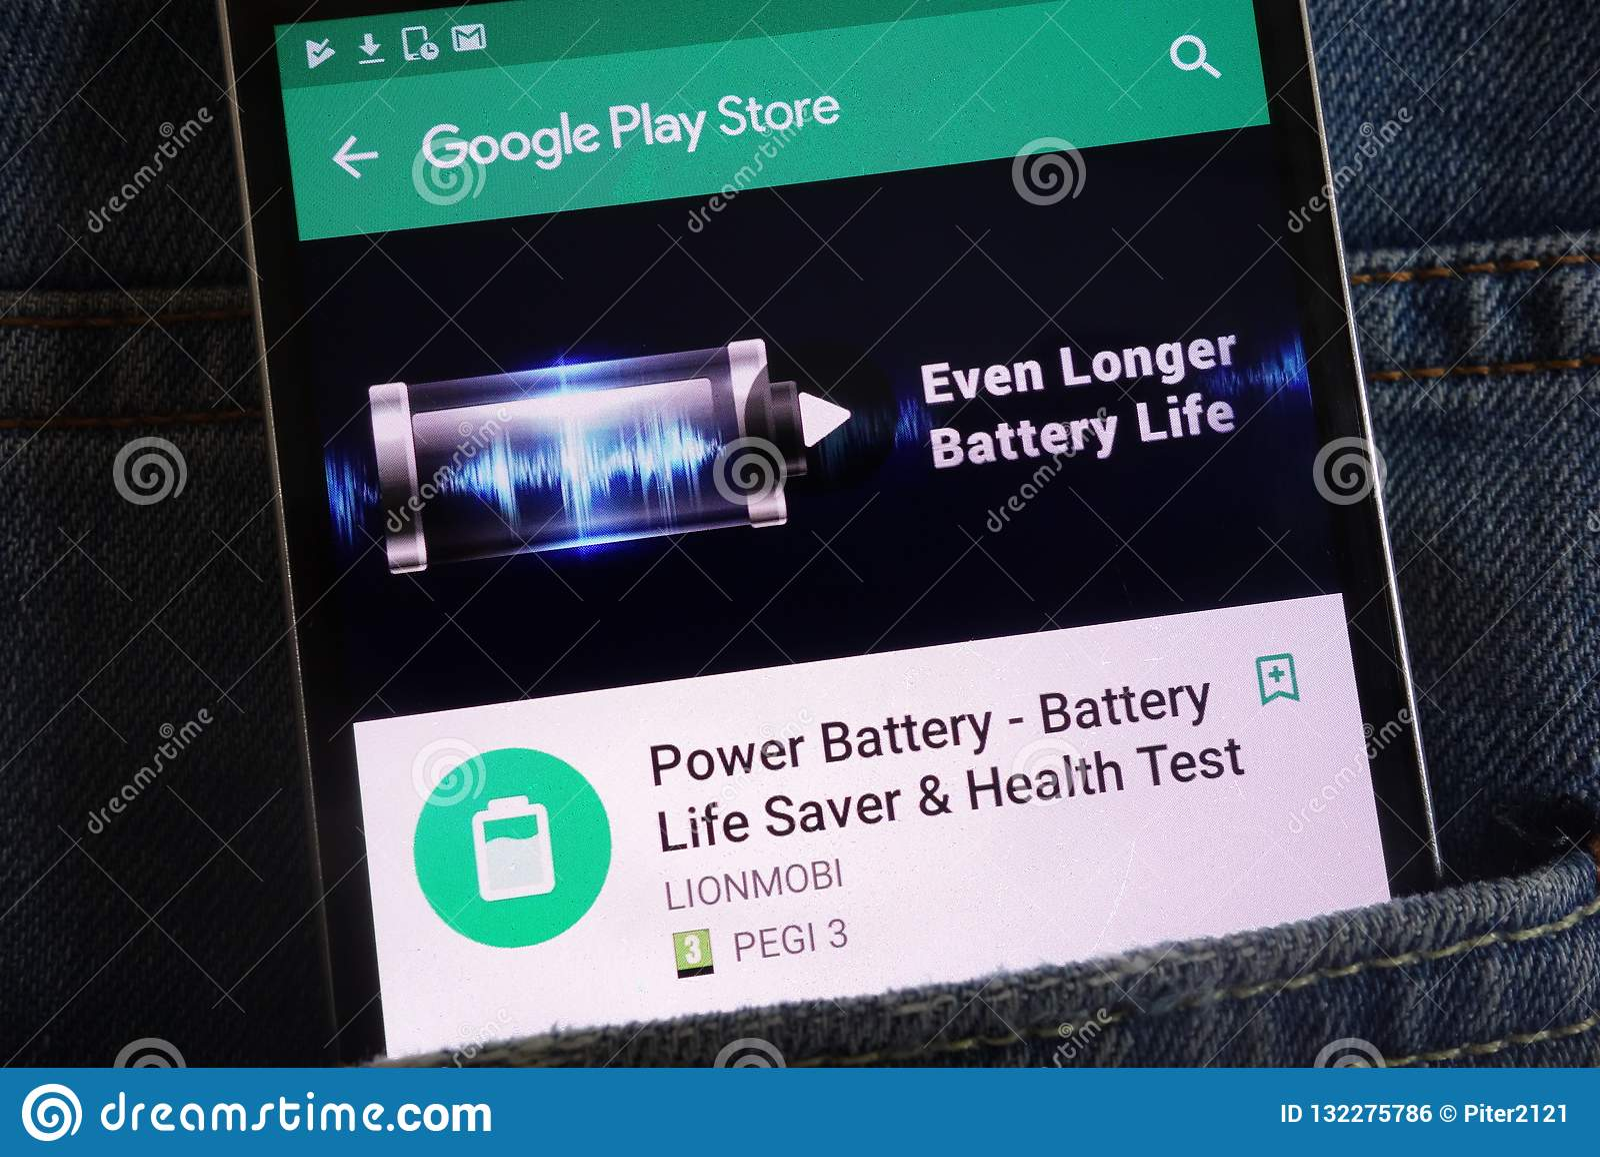 力量在谷歌戏剧在智能手机显示的商店网站上的电池应用程序掩藏在牛仔裤装在口袋里